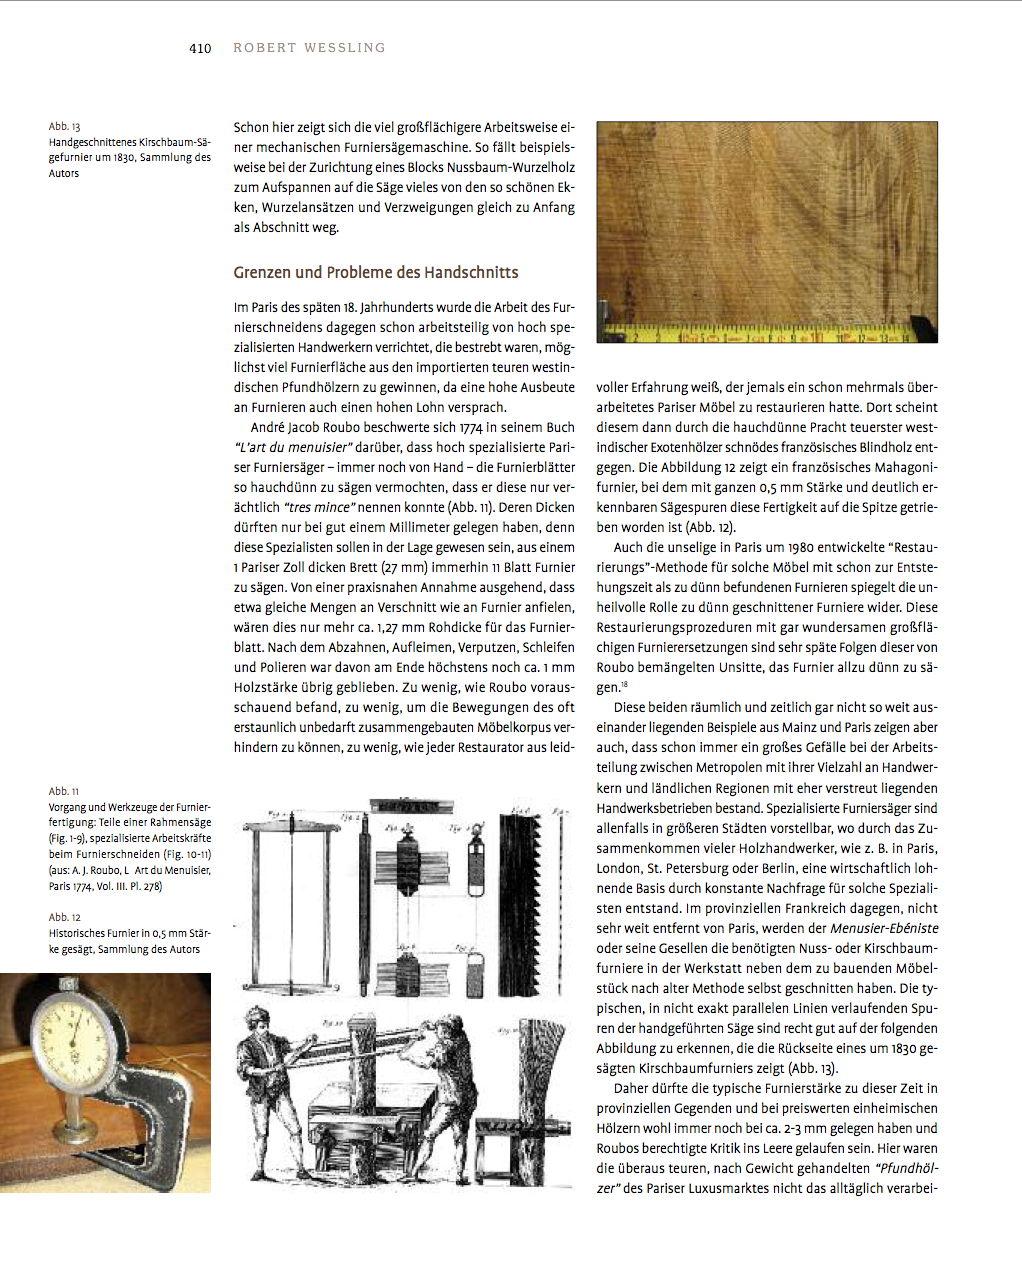 Galerie - Bild 6